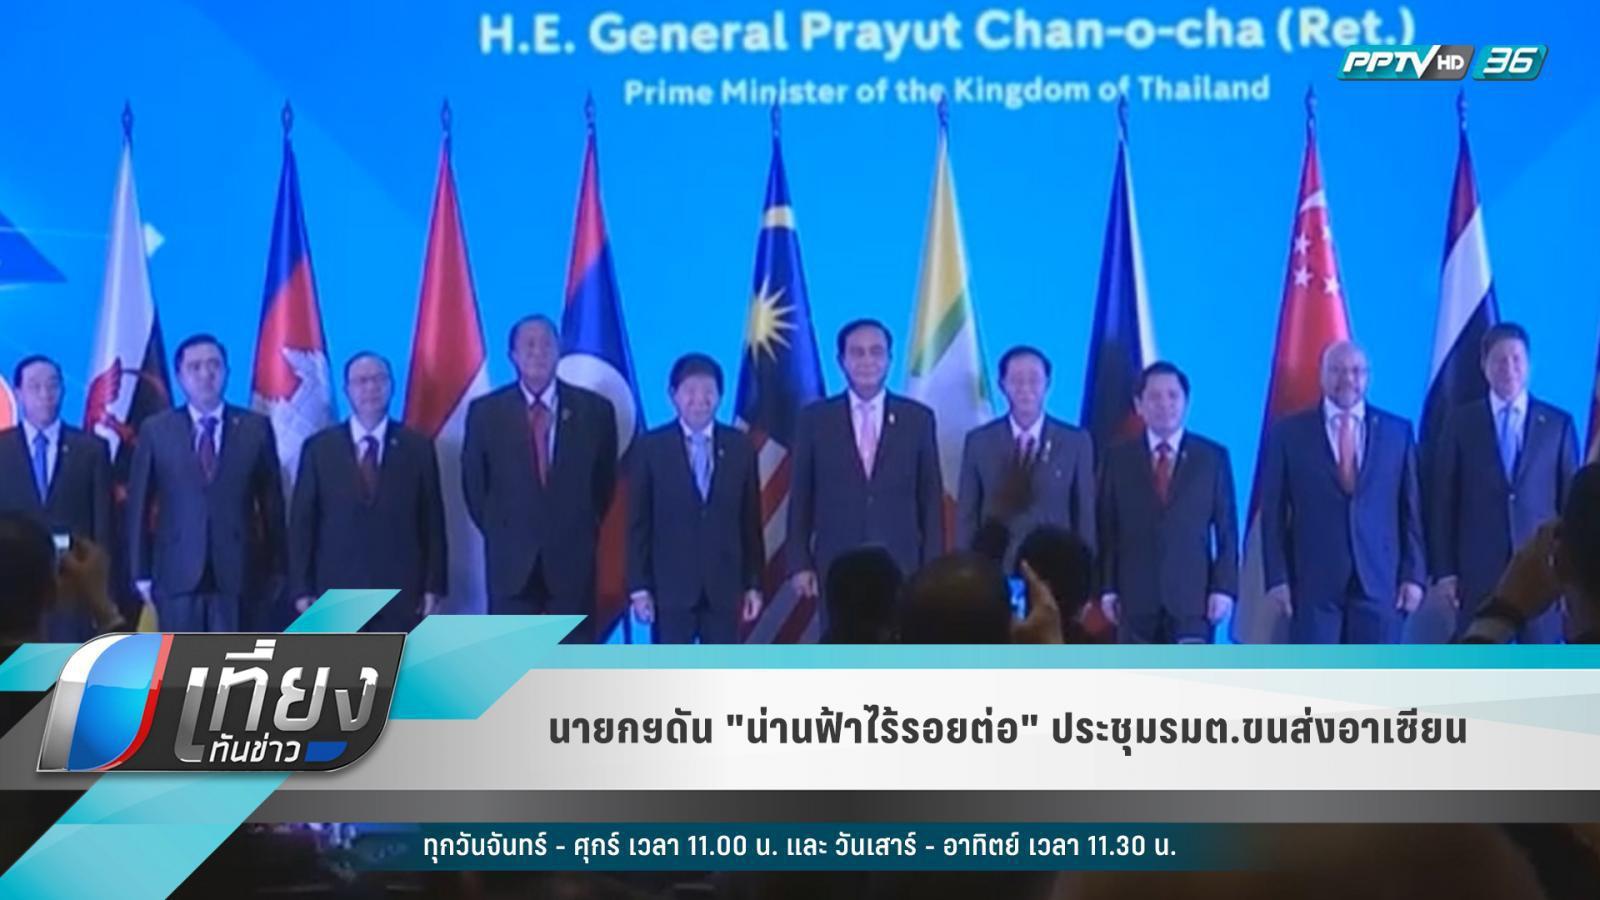 นายกฯ ของประเทศอาเซียนร่วมสร้างระบบขนส่งน้ำ-บก-อากาศ